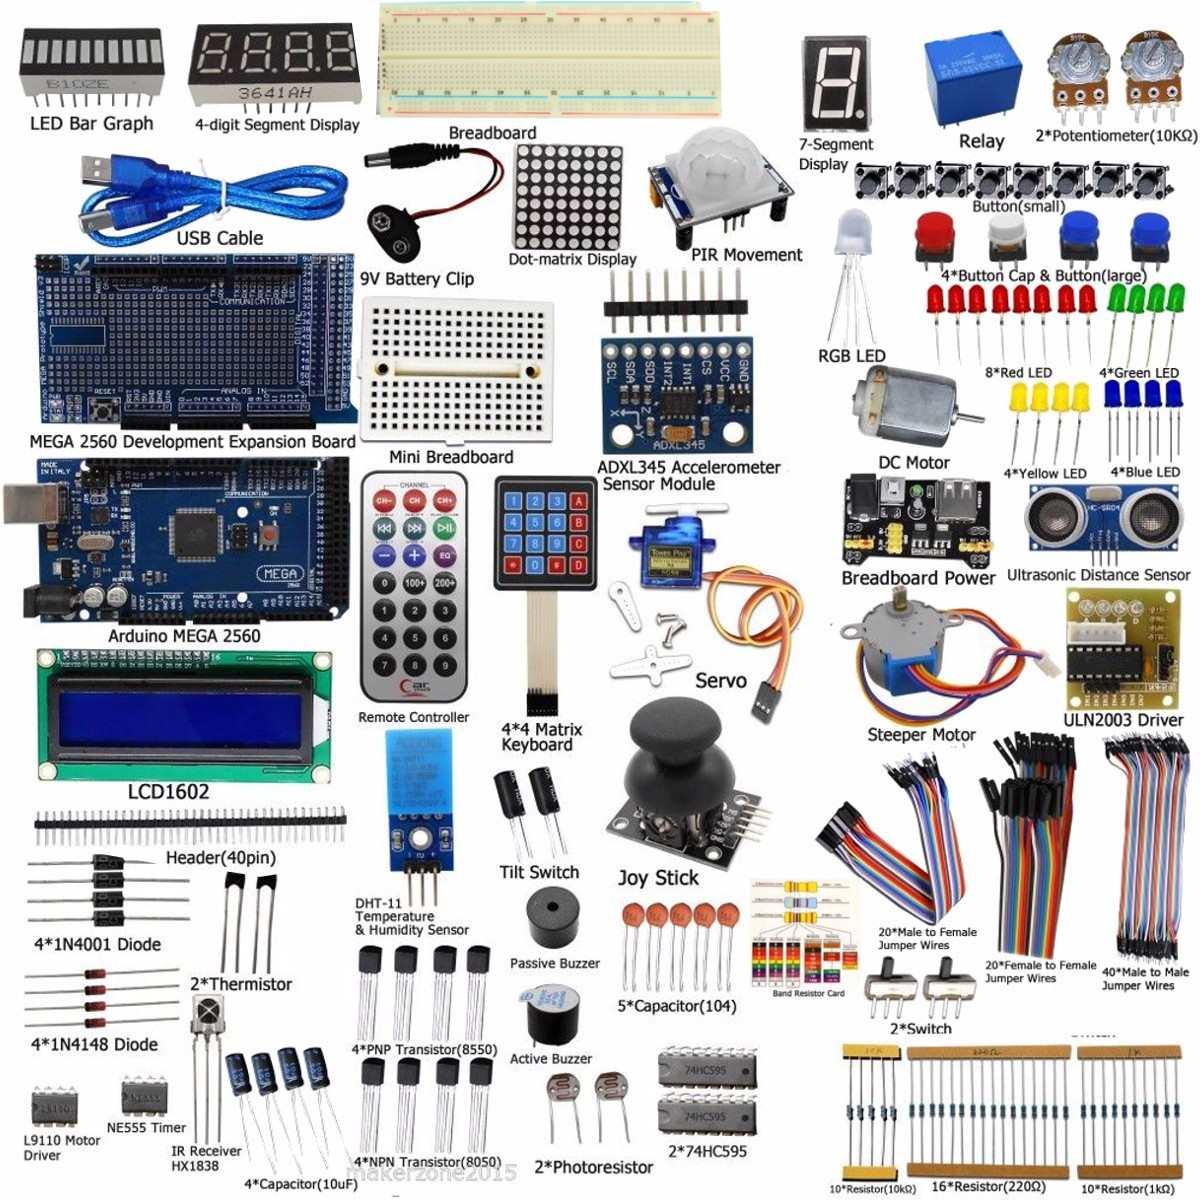 Nouvelle Arrivée BRICOLAGE Électrique Unité Ultime Starter Kit pour Arduino MEGA 2560 1602 LCD Servo Moteur LED Relais RTC Électronique kit